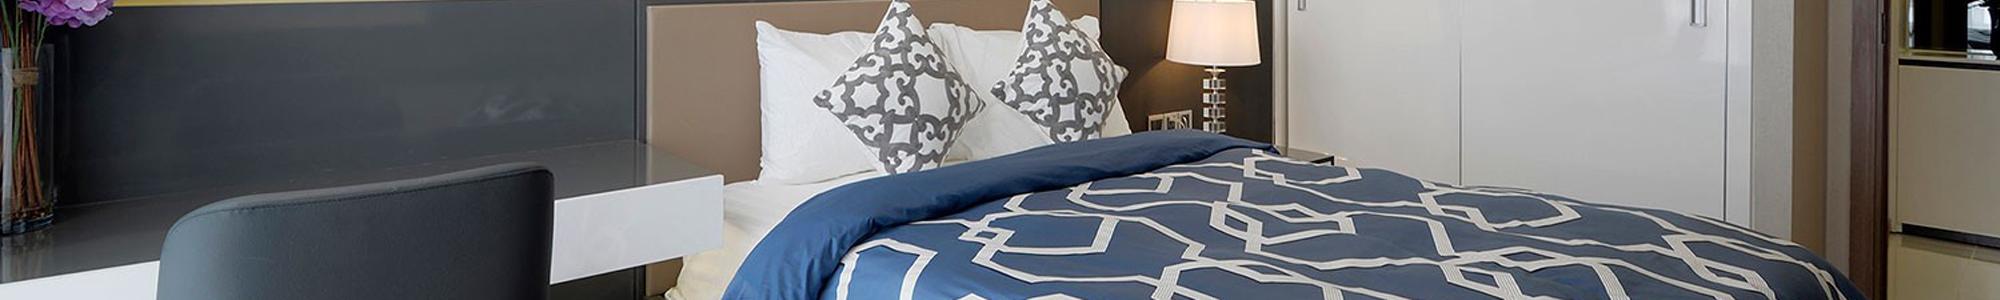 Khung giường